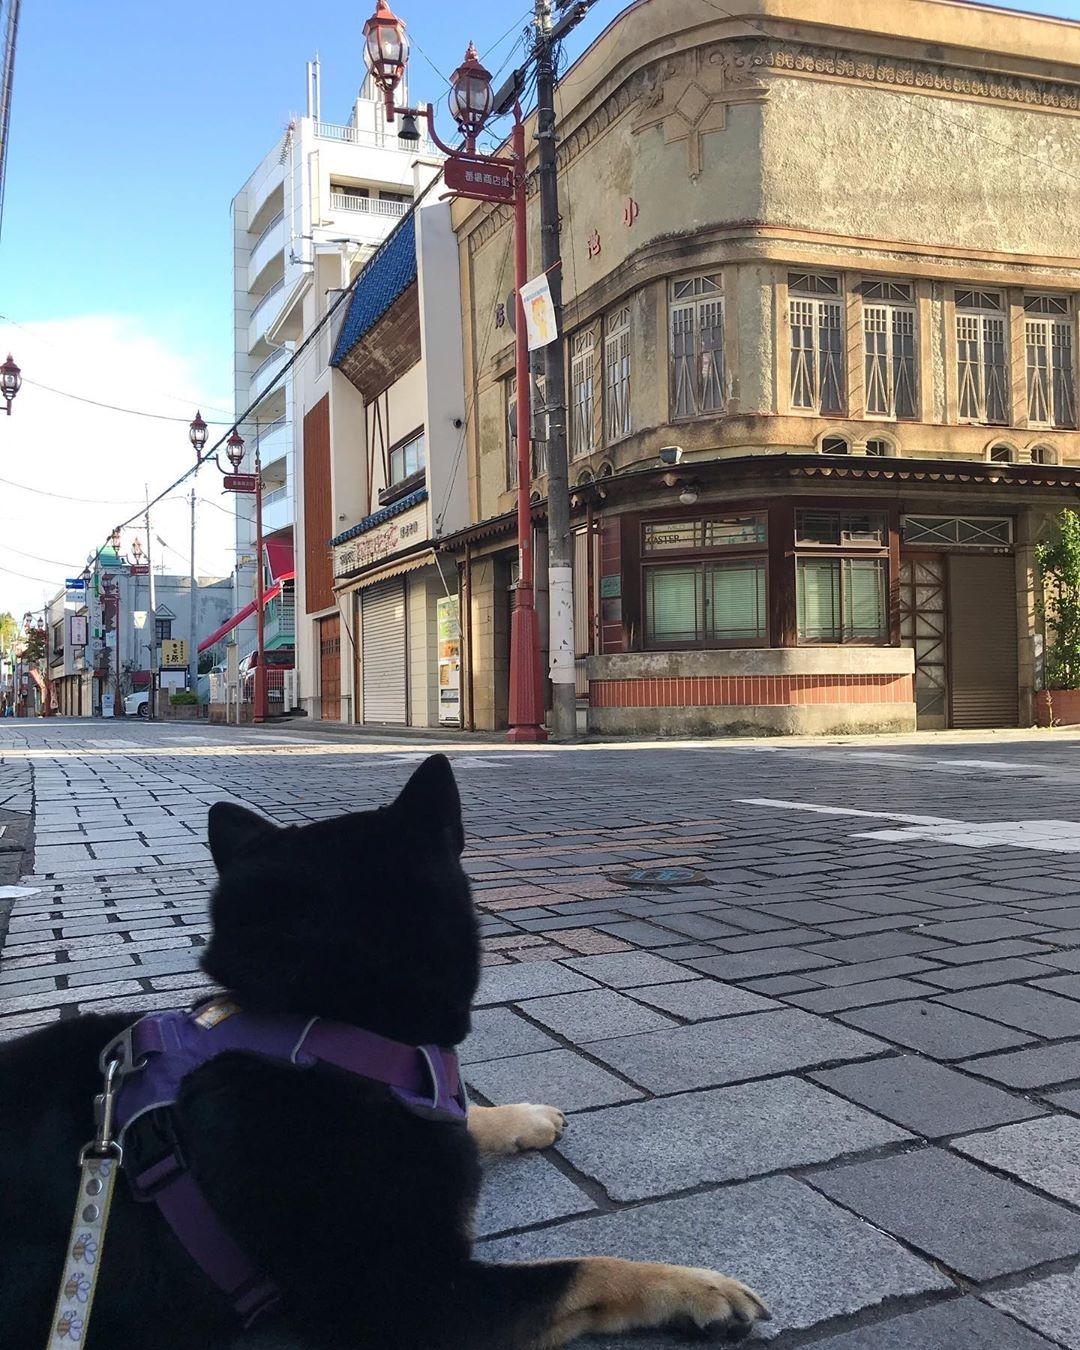 レトロな町並みをお散歩@番場通り